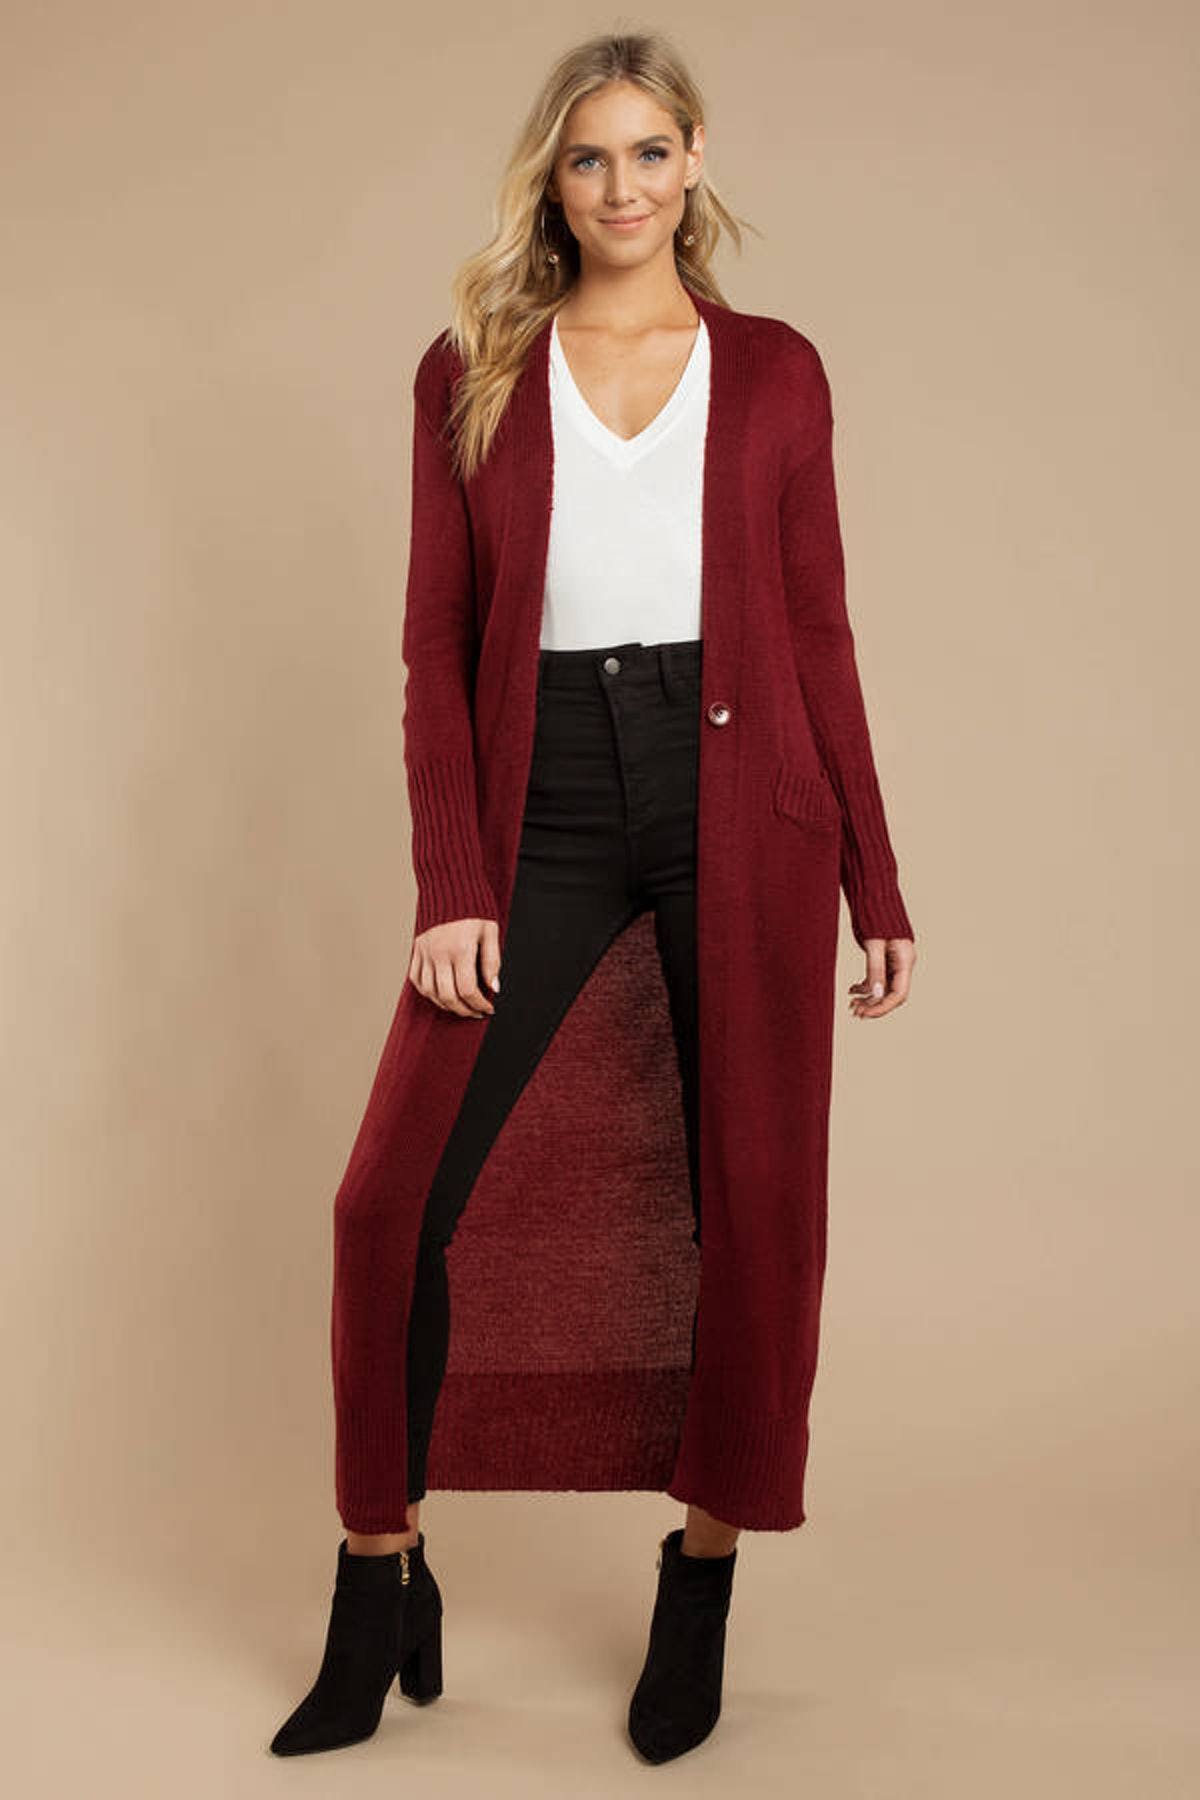 Lucid Dreams Wine Longline Knit Cardigan